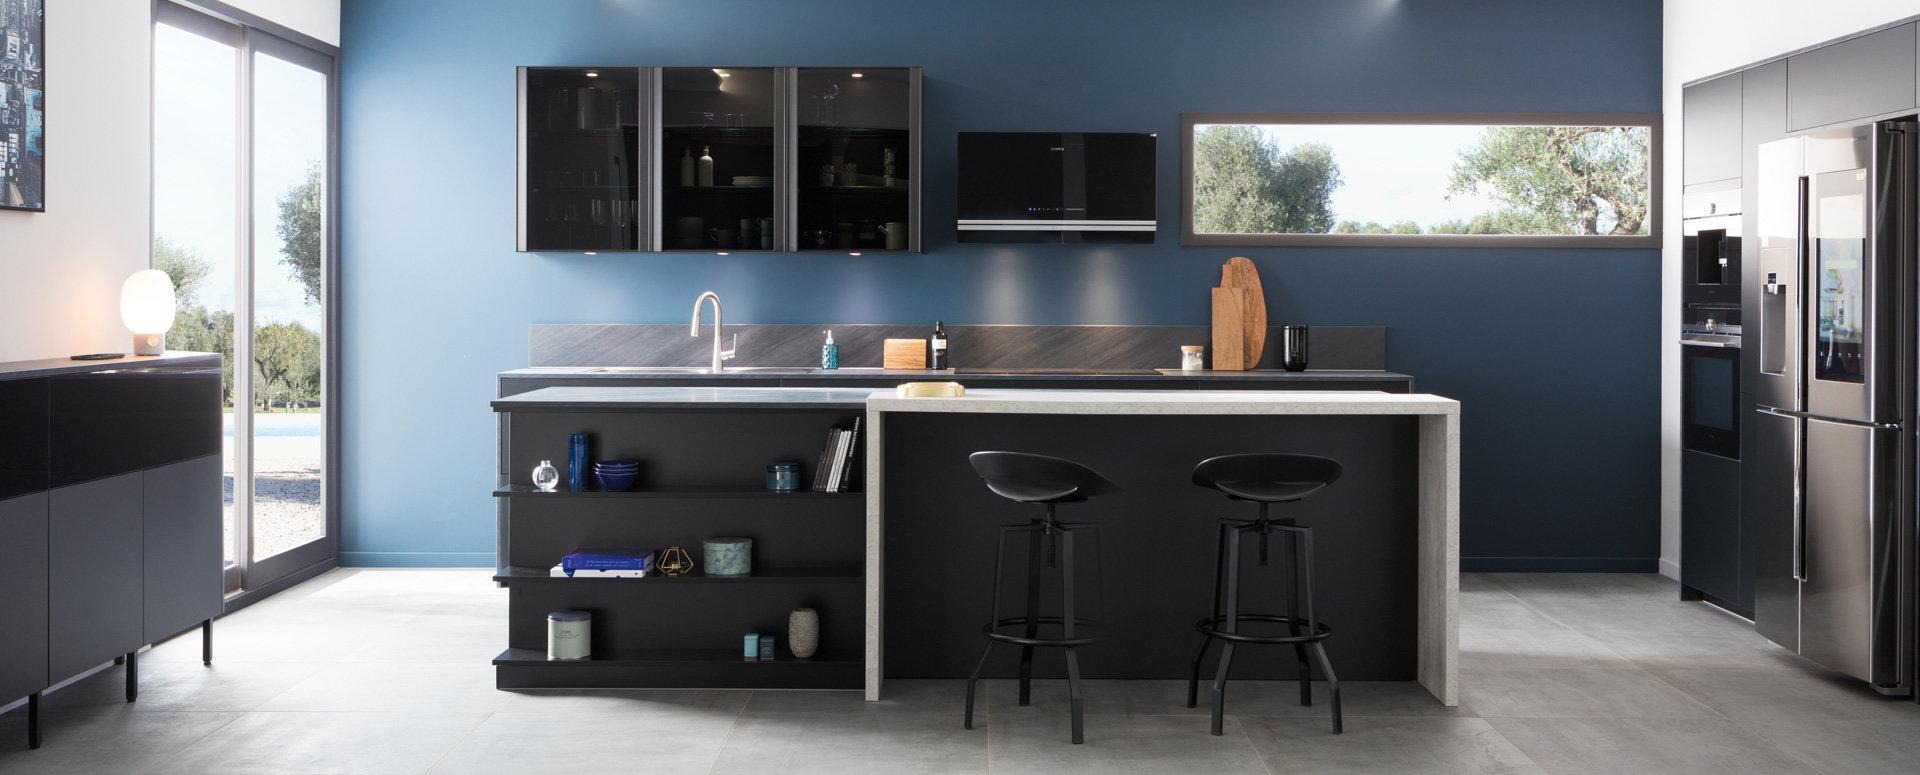 Moderne matt sort kjøkkeninnredning sett med kjøkkenskap